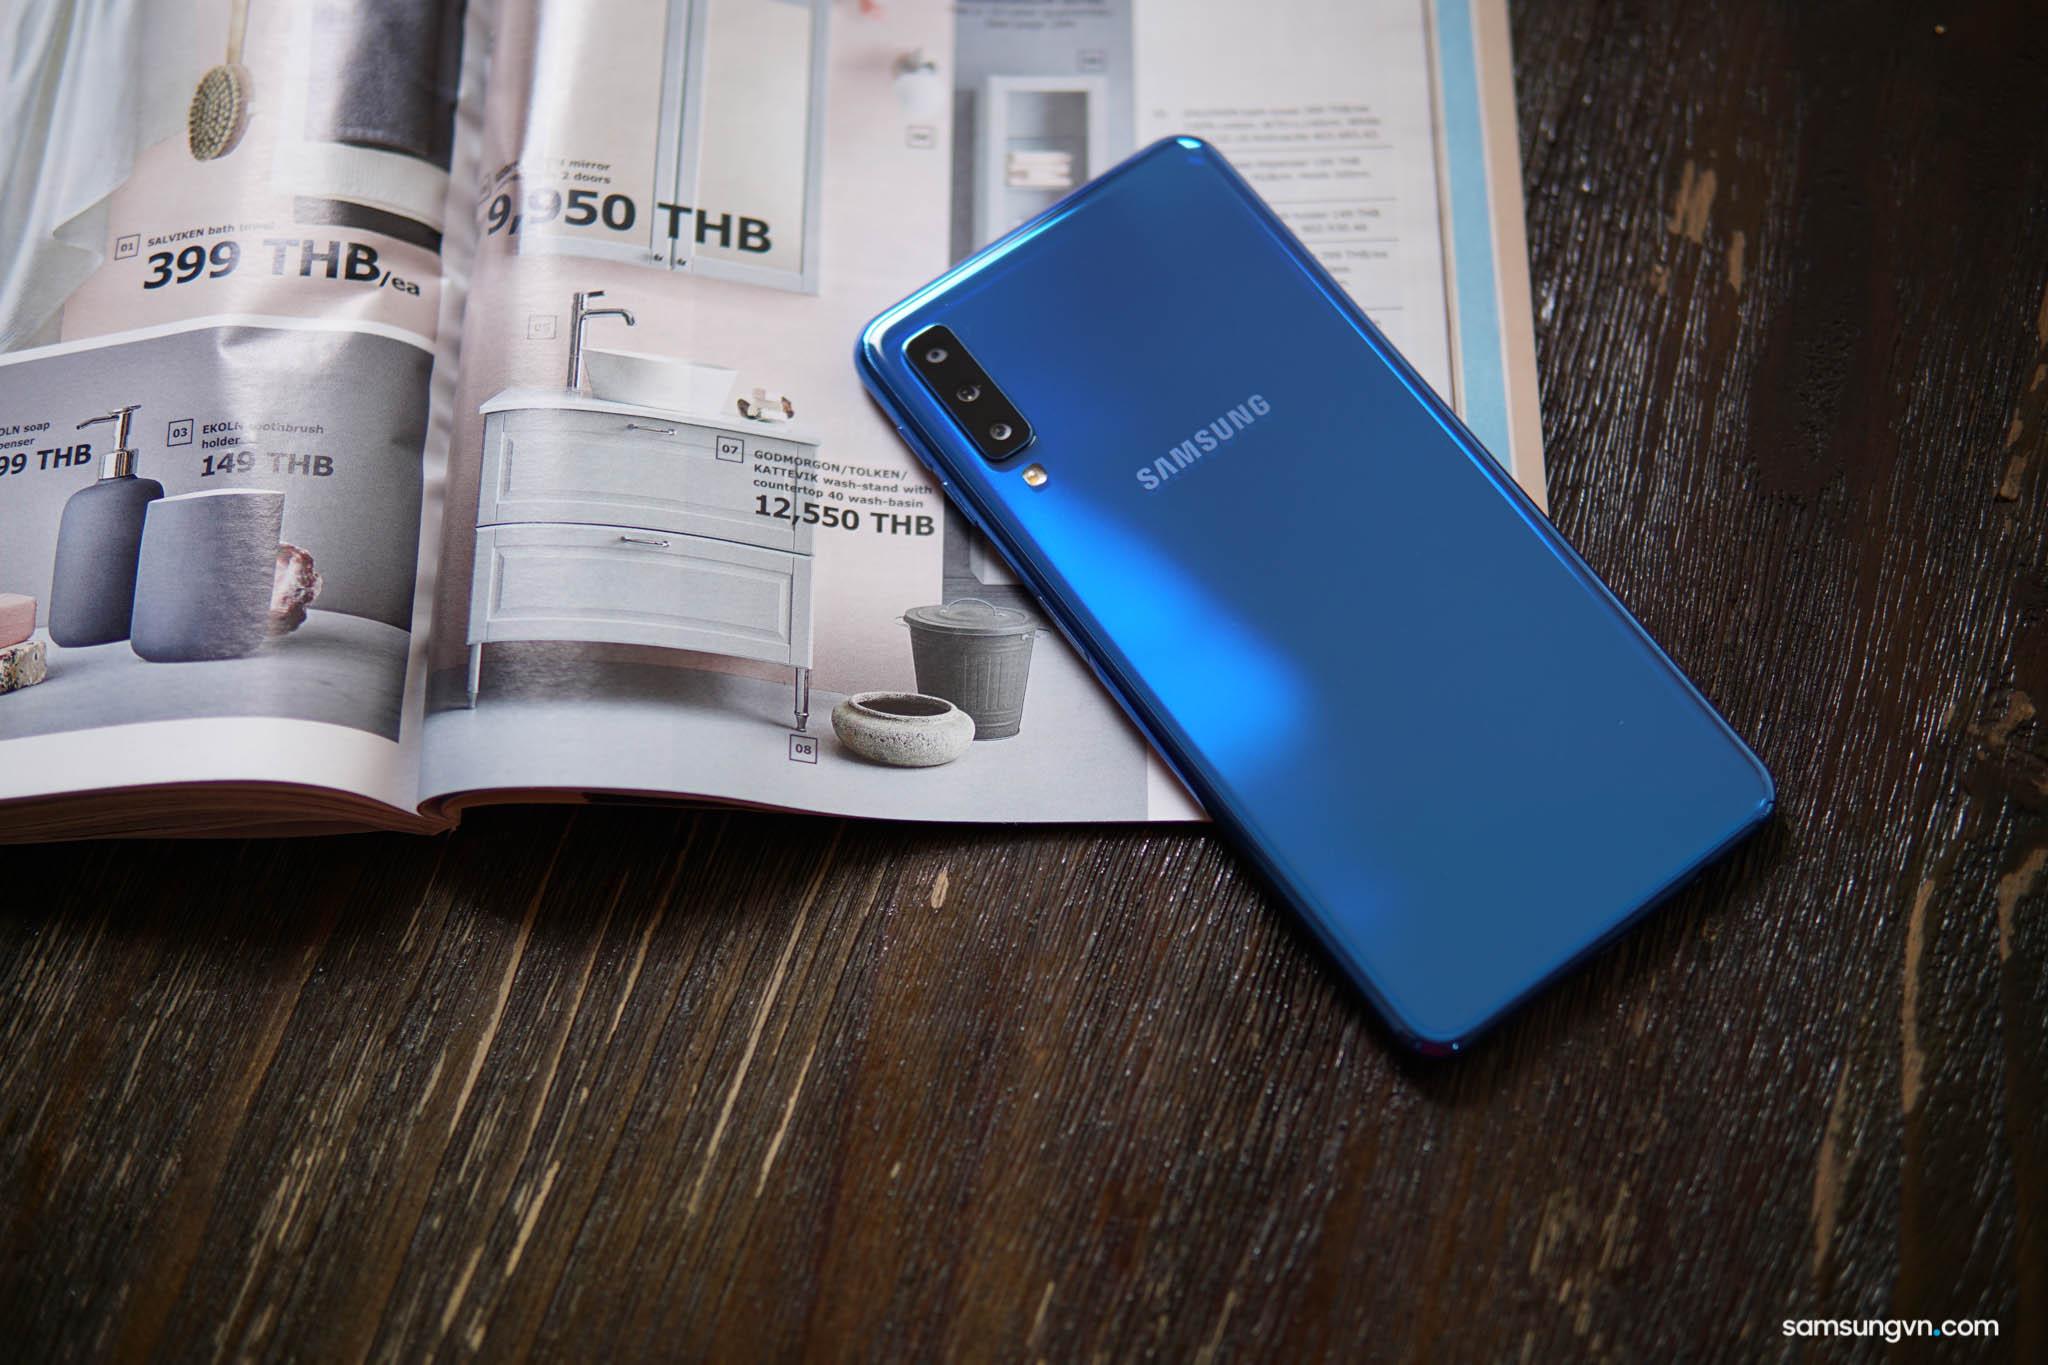 Chi tiết Galaxy A7 – chiếc smartphone tốt nhất dành cho người trẻ thích trải nghiệm thế giới mới